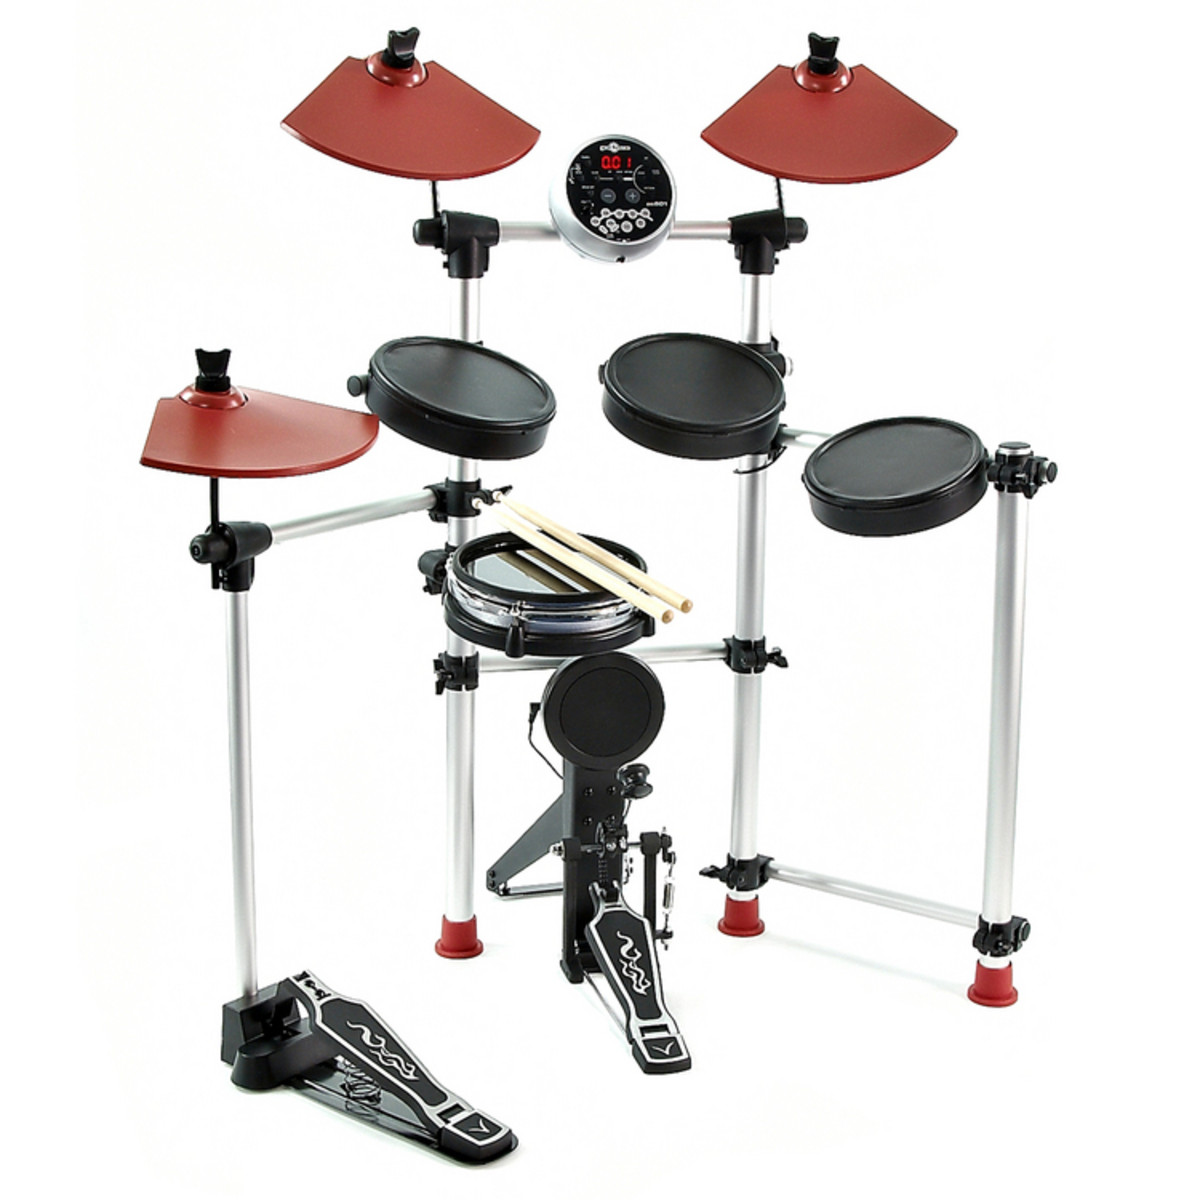 Yamaha Dd Electronic Drum Kit